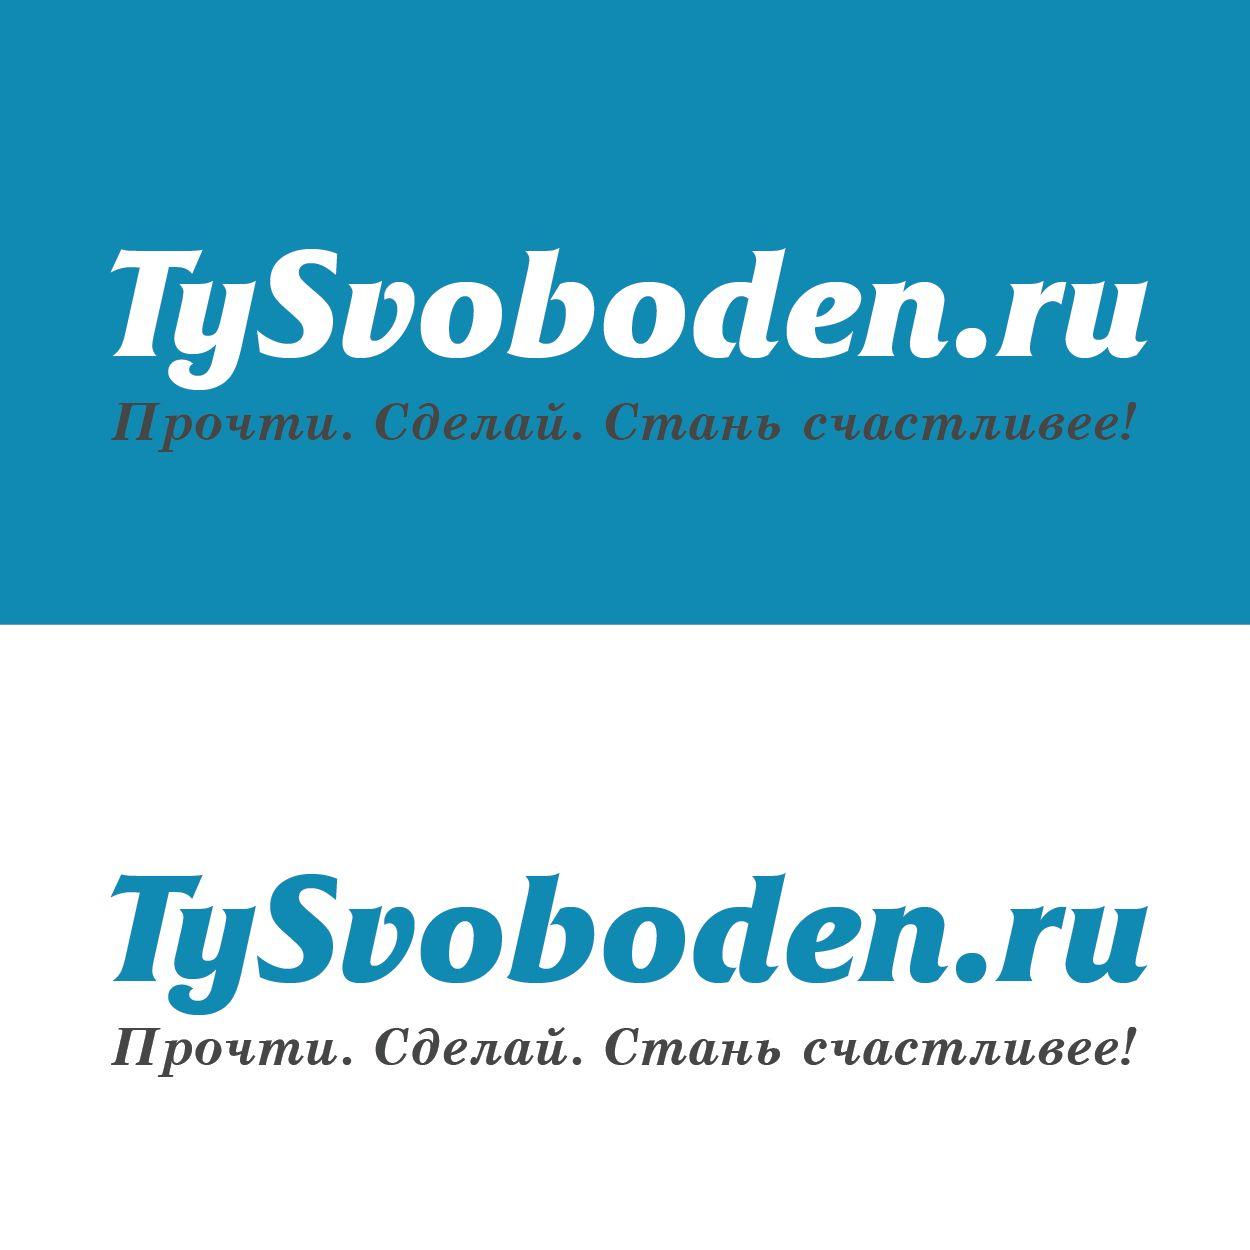 Разработка логотипа для социального проекта - дизайнер My1stWork